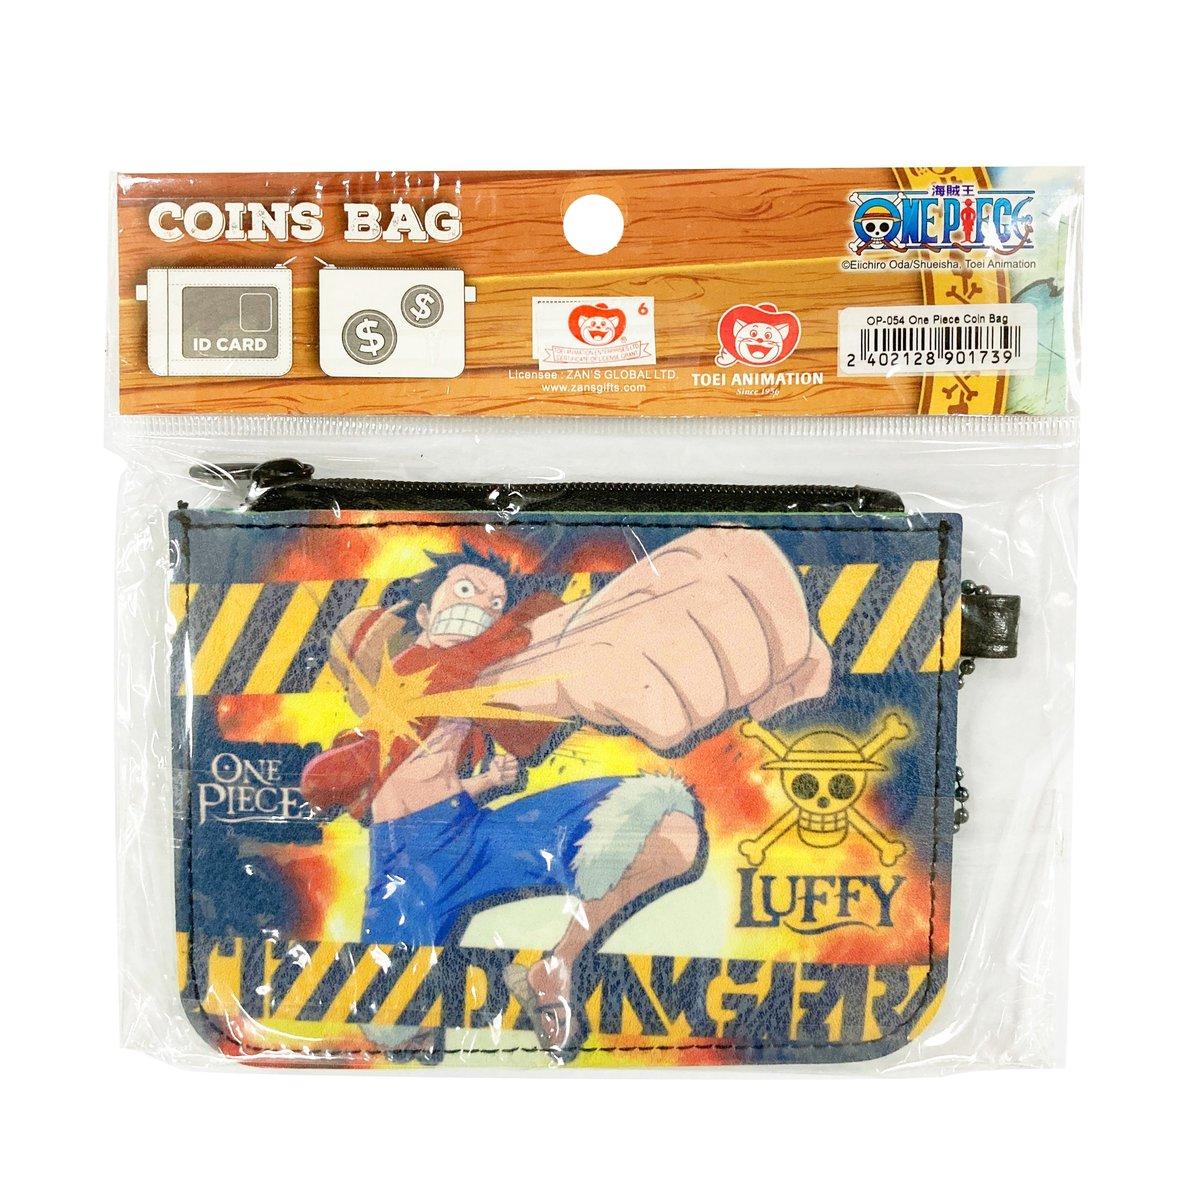 OP-054 One Piece Wallet Coins Bag